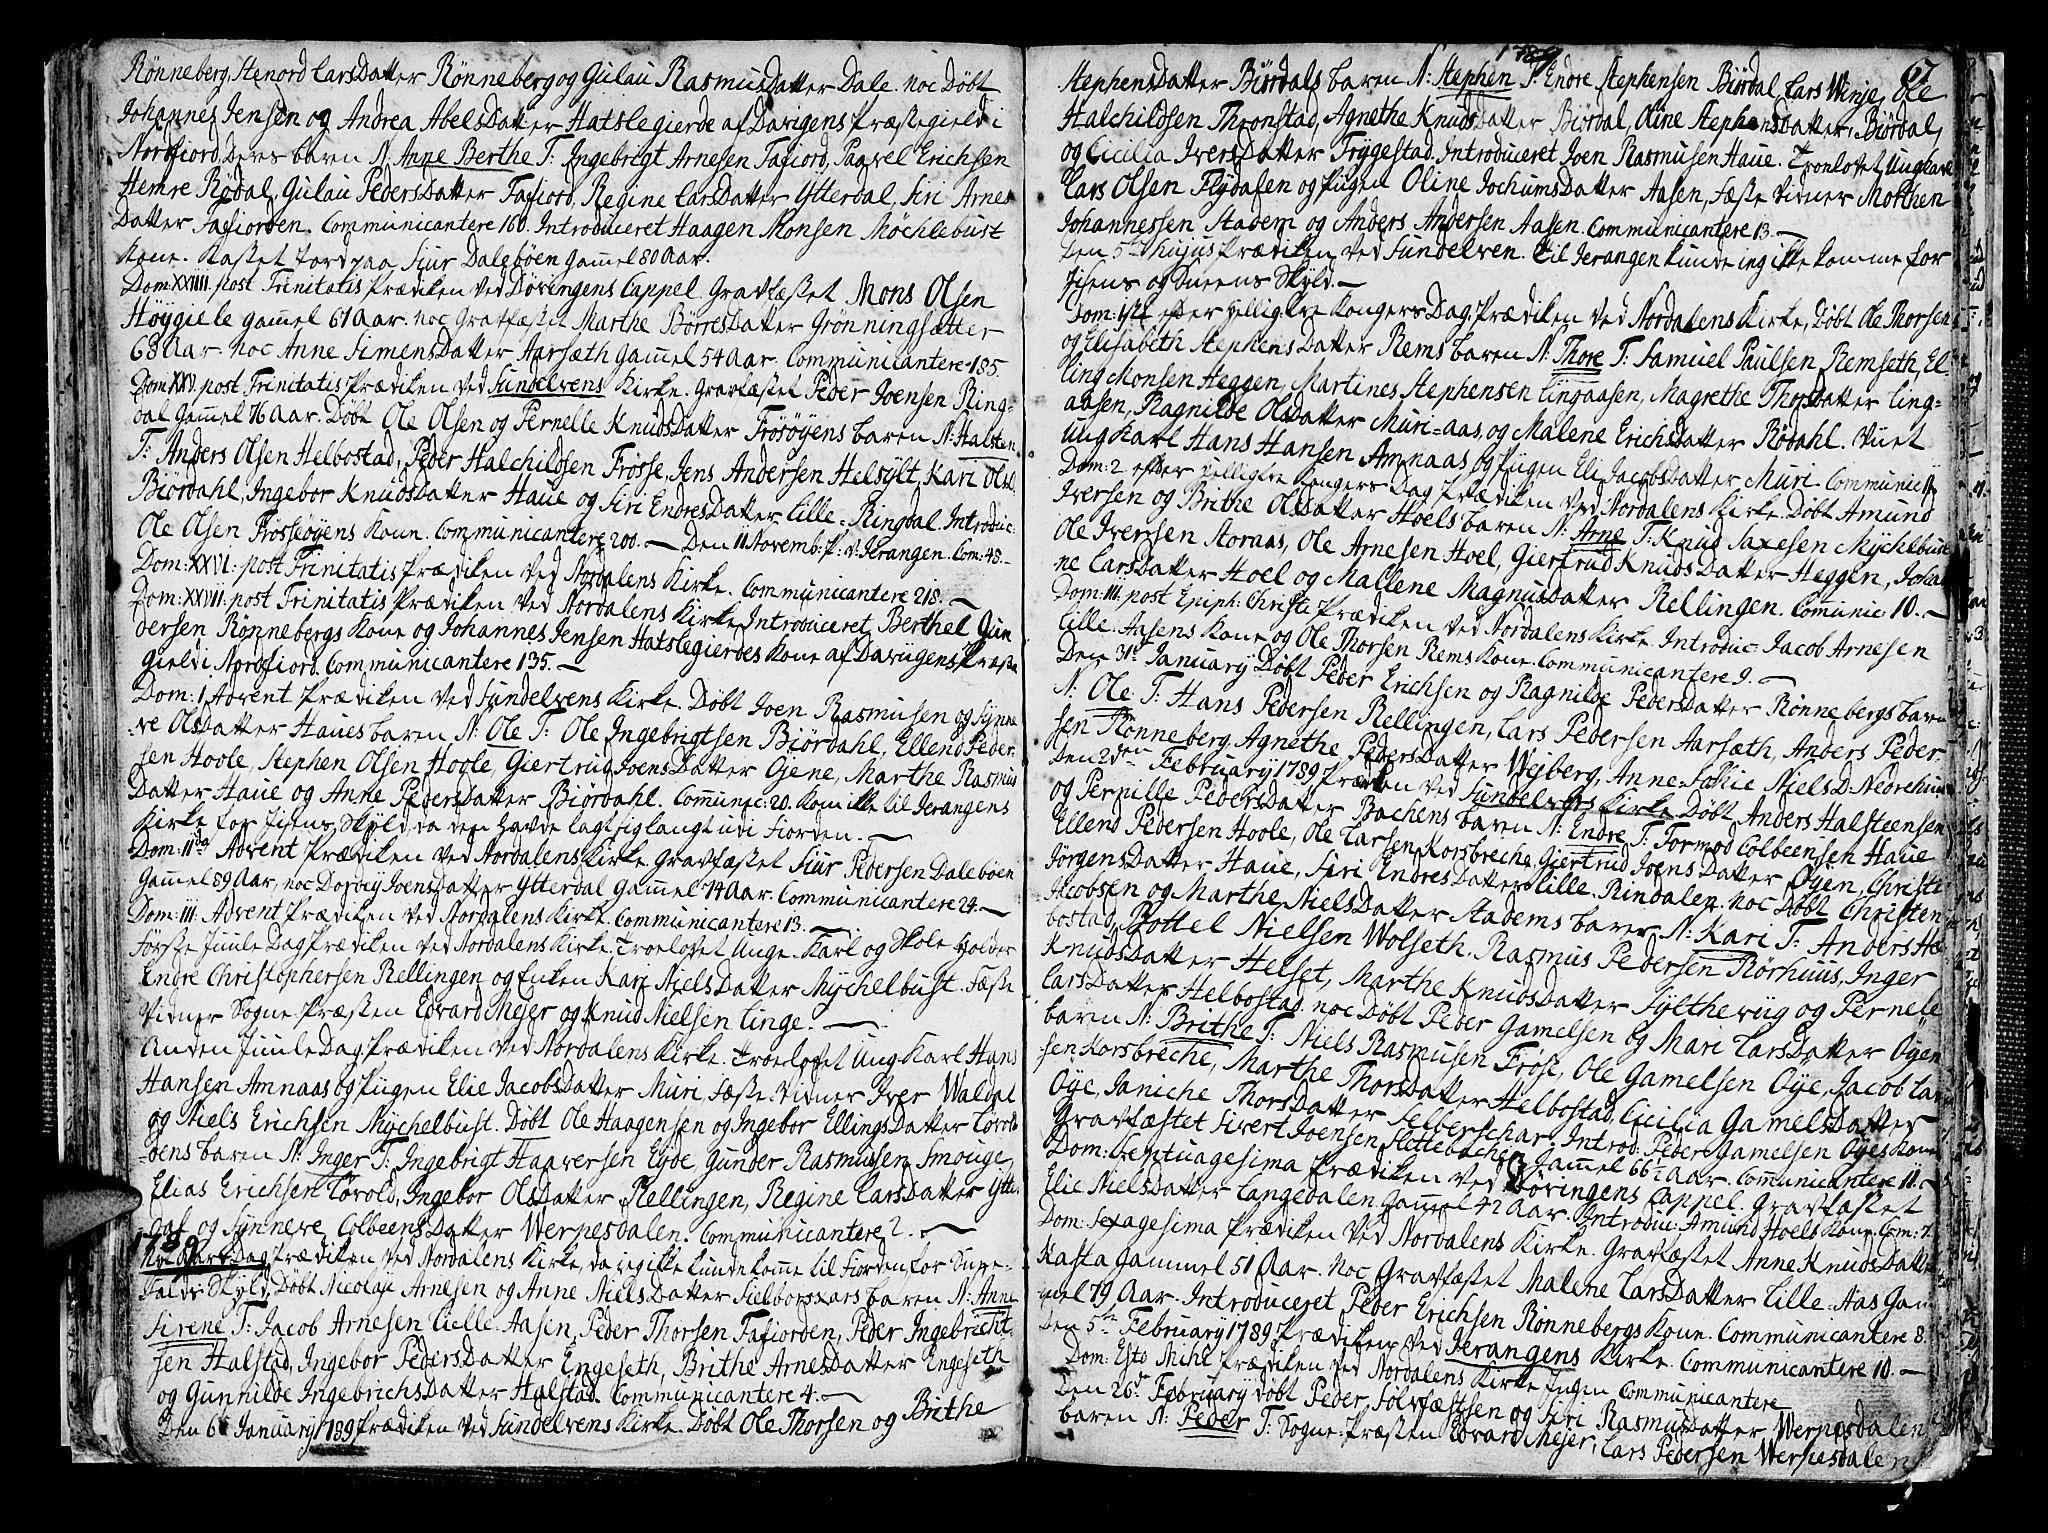 SAT, Ministerialprotokoller, klokkerbøker og fødselsregistre - Møre og Romsdal, 519/L0245: Ministerialbok nr. 519A04, 1774-1816, s. 67